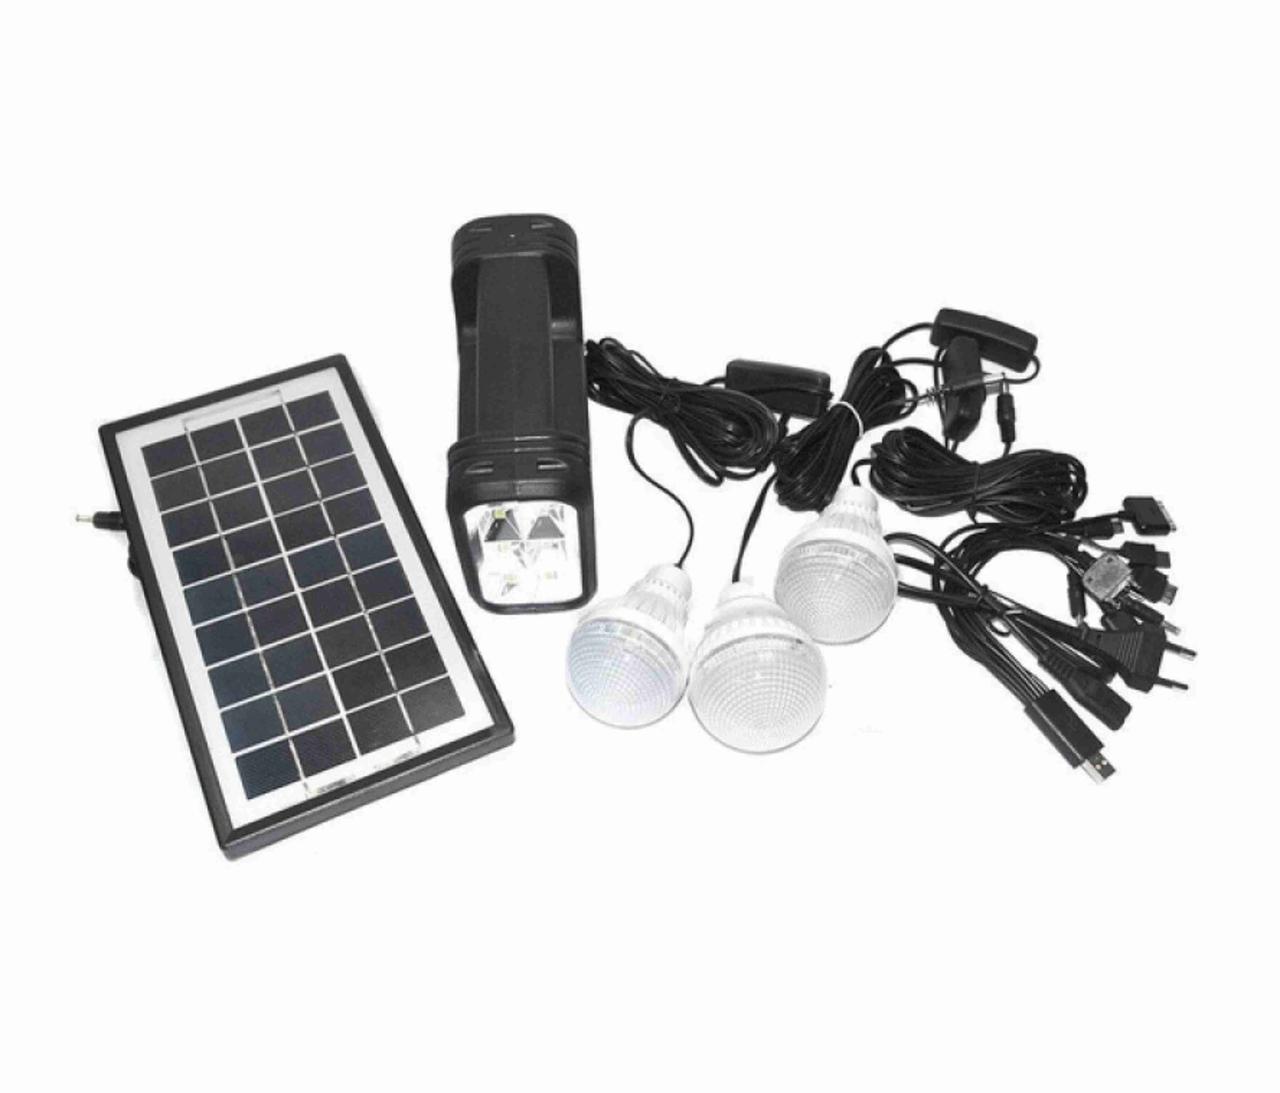 Портативная универсальная солнечная система GDLITE GD 8007 Внешняя солнечная батарея gdlite